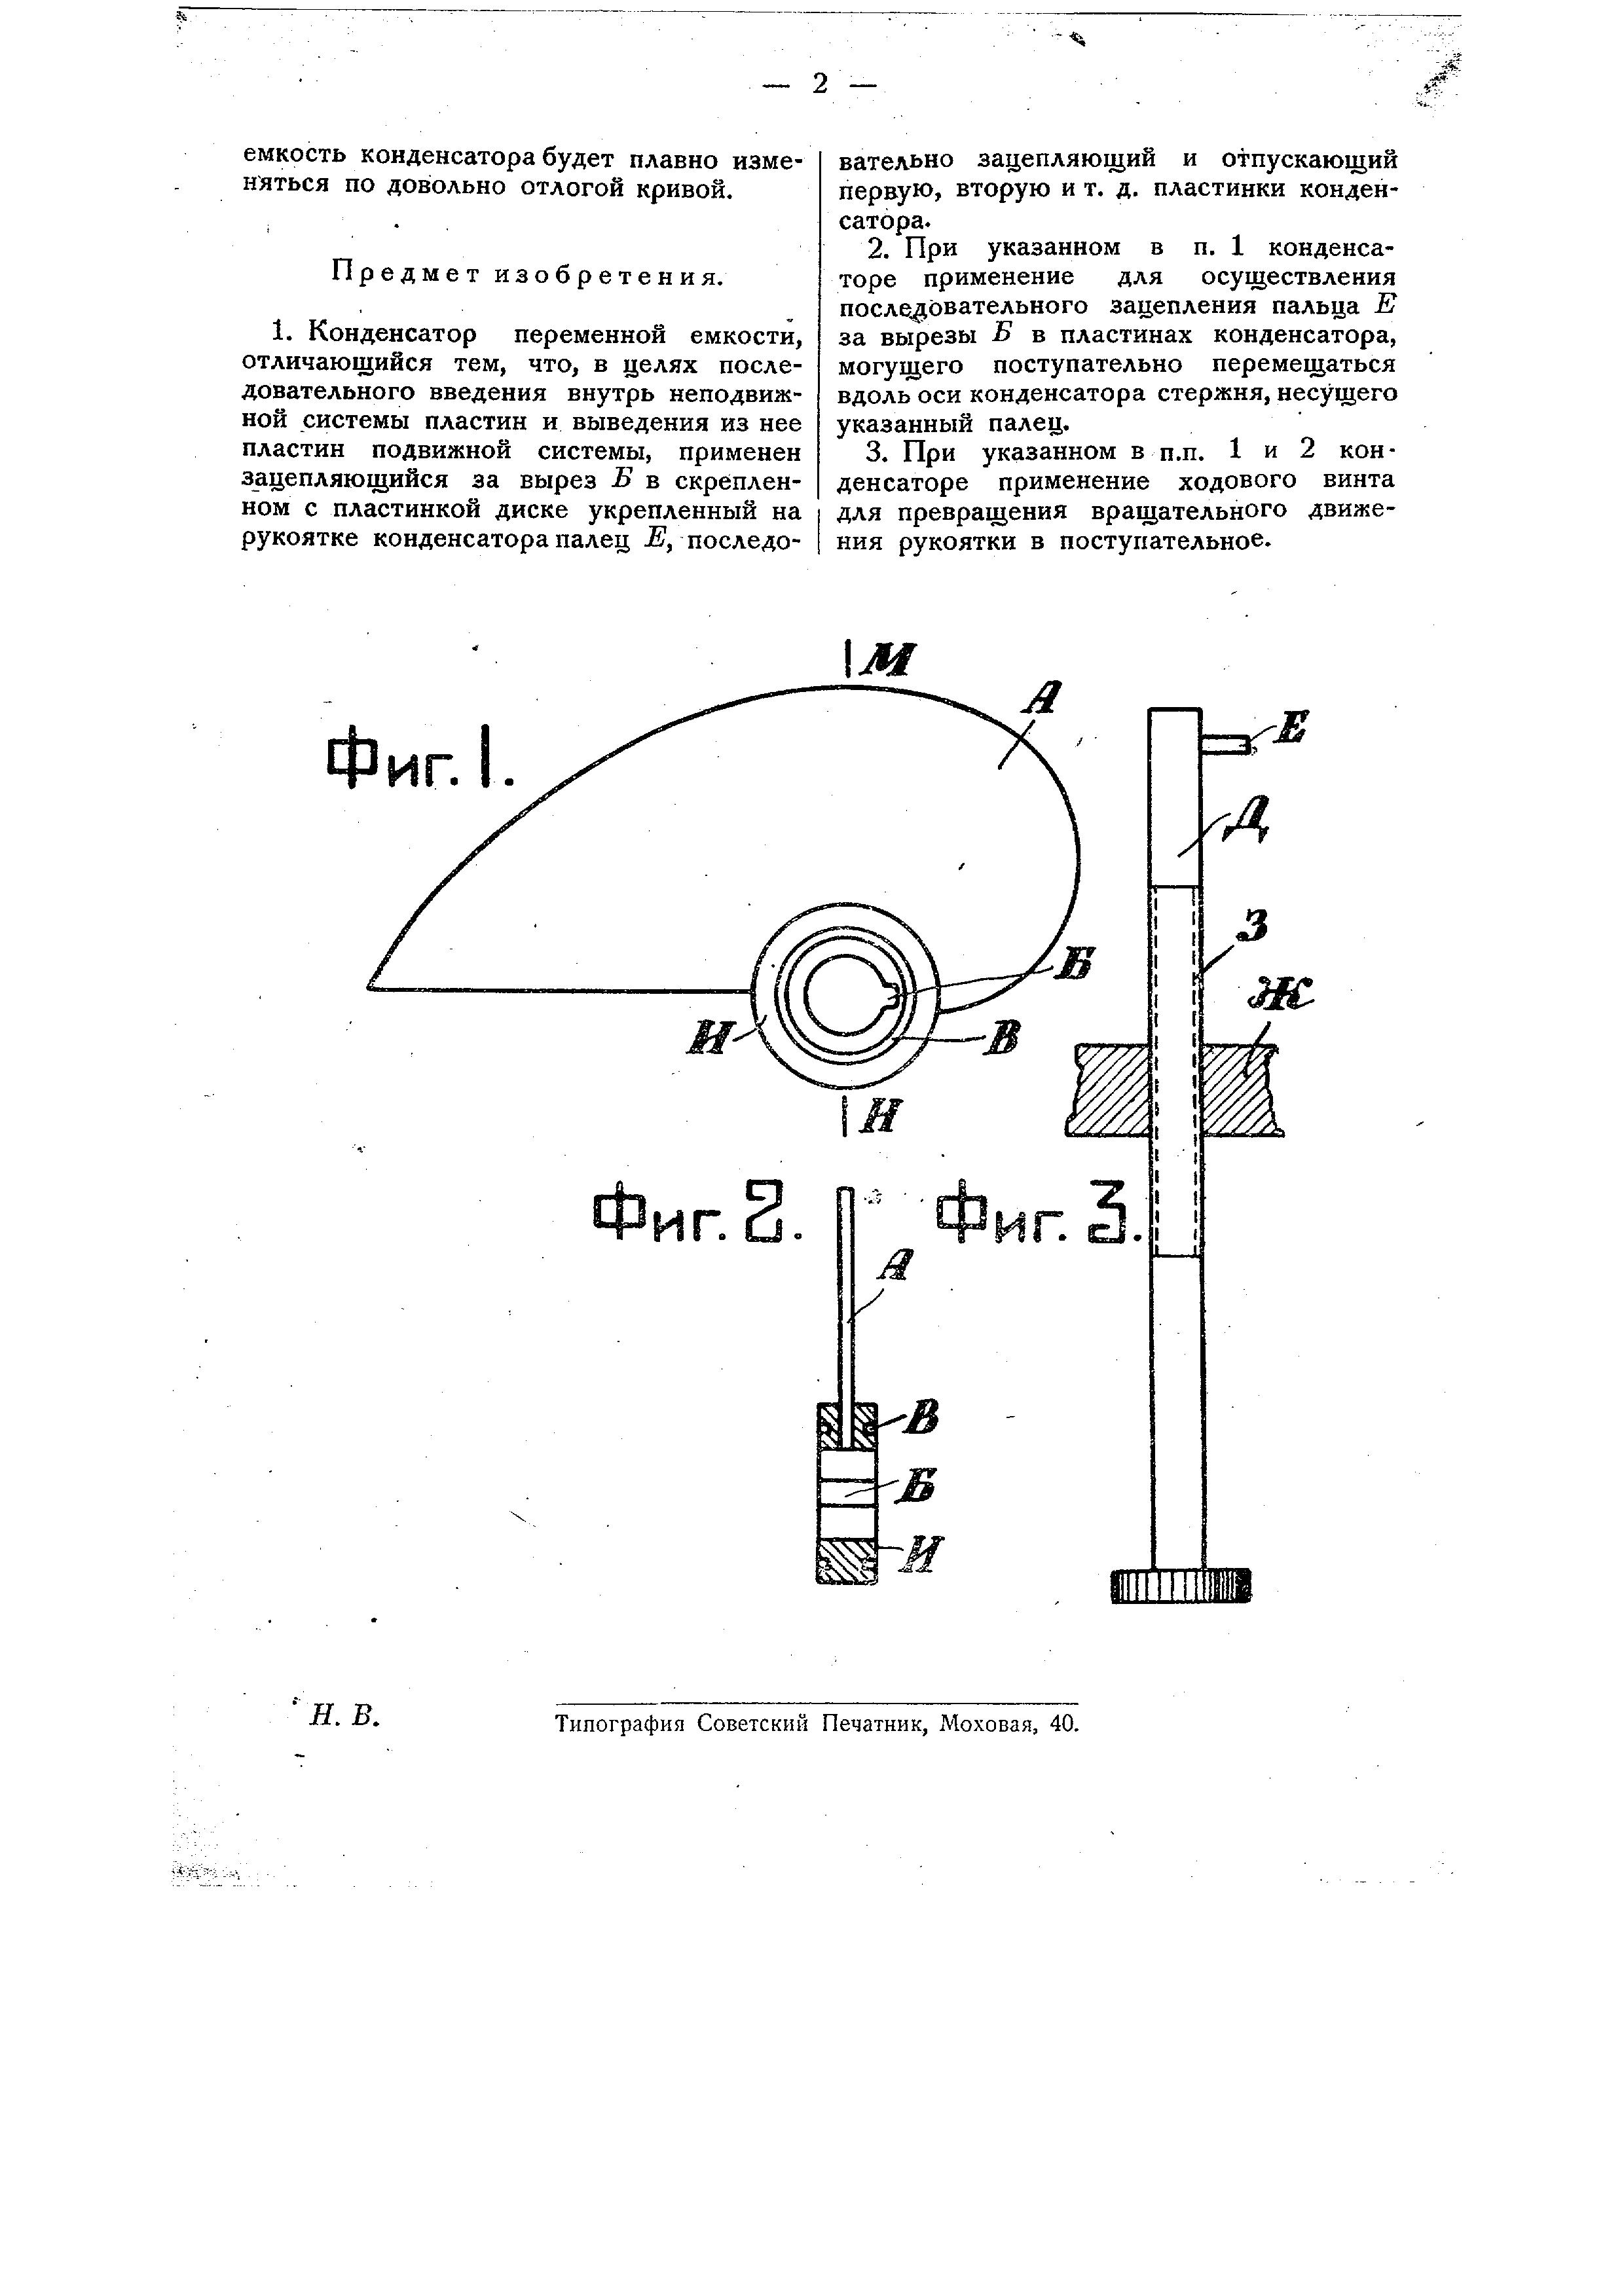 Переменный конденсатор своими руками чертежи 17